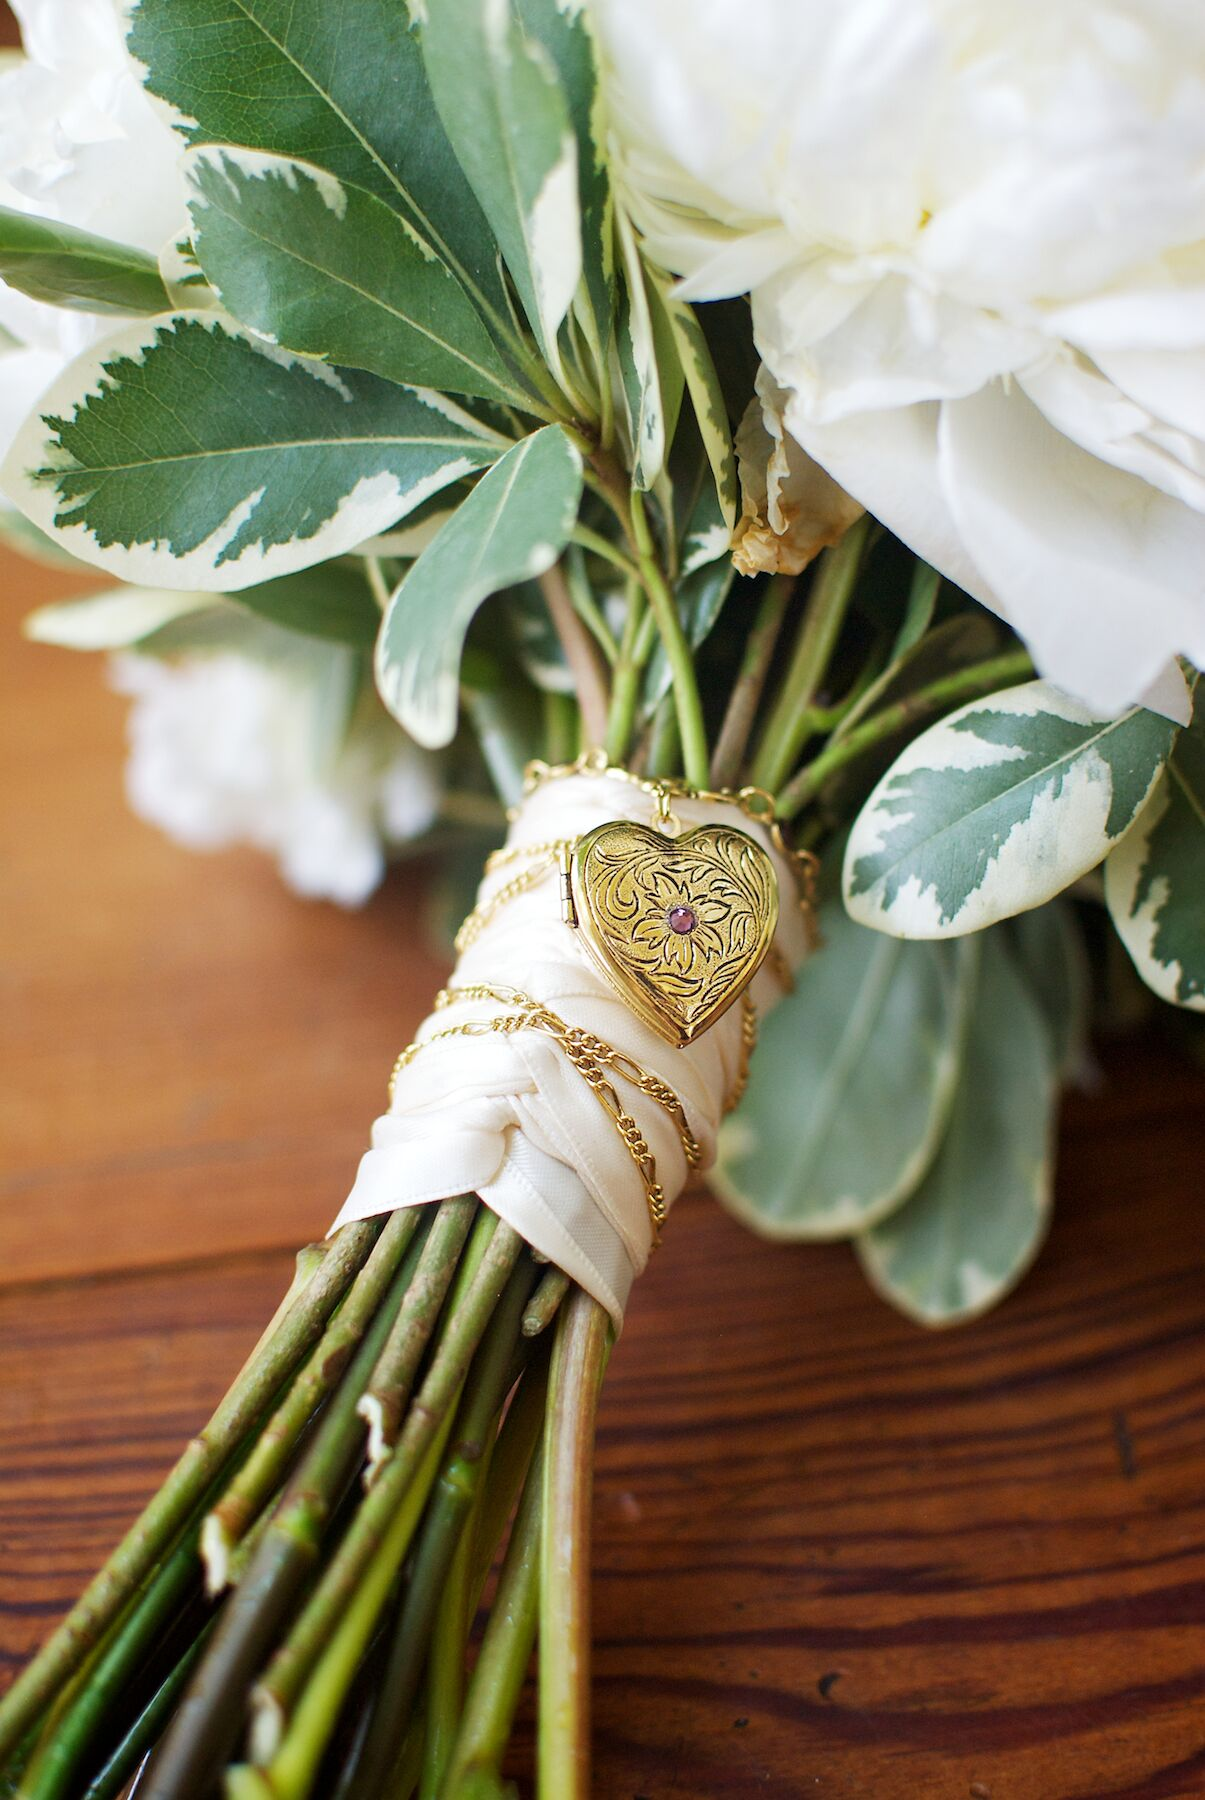 Bridal Bouquet LocketWedding LocketBouquet LocketSentimental Wedding KeepsakeBouquet CharmBroochLocketSentimental Wedding GiftGift